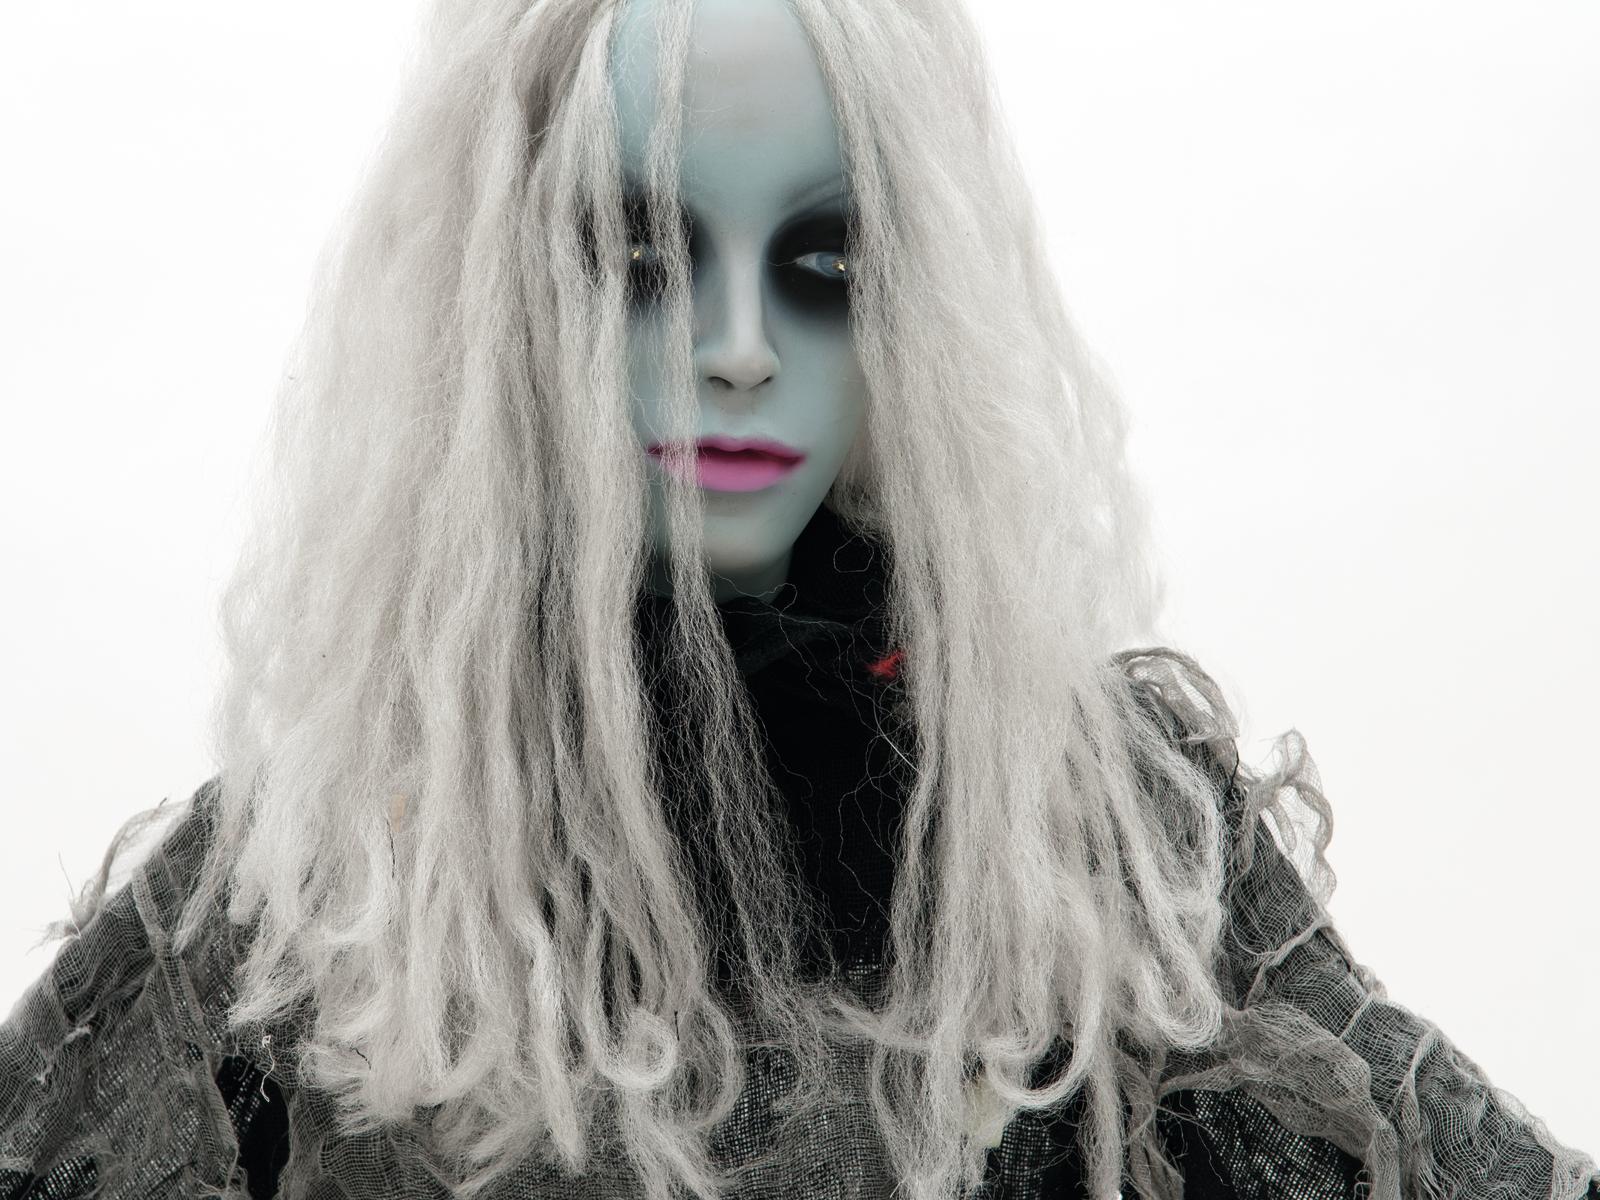 EUROPALMS Busto di zombie in movimento con i capelli bianchi per halloween